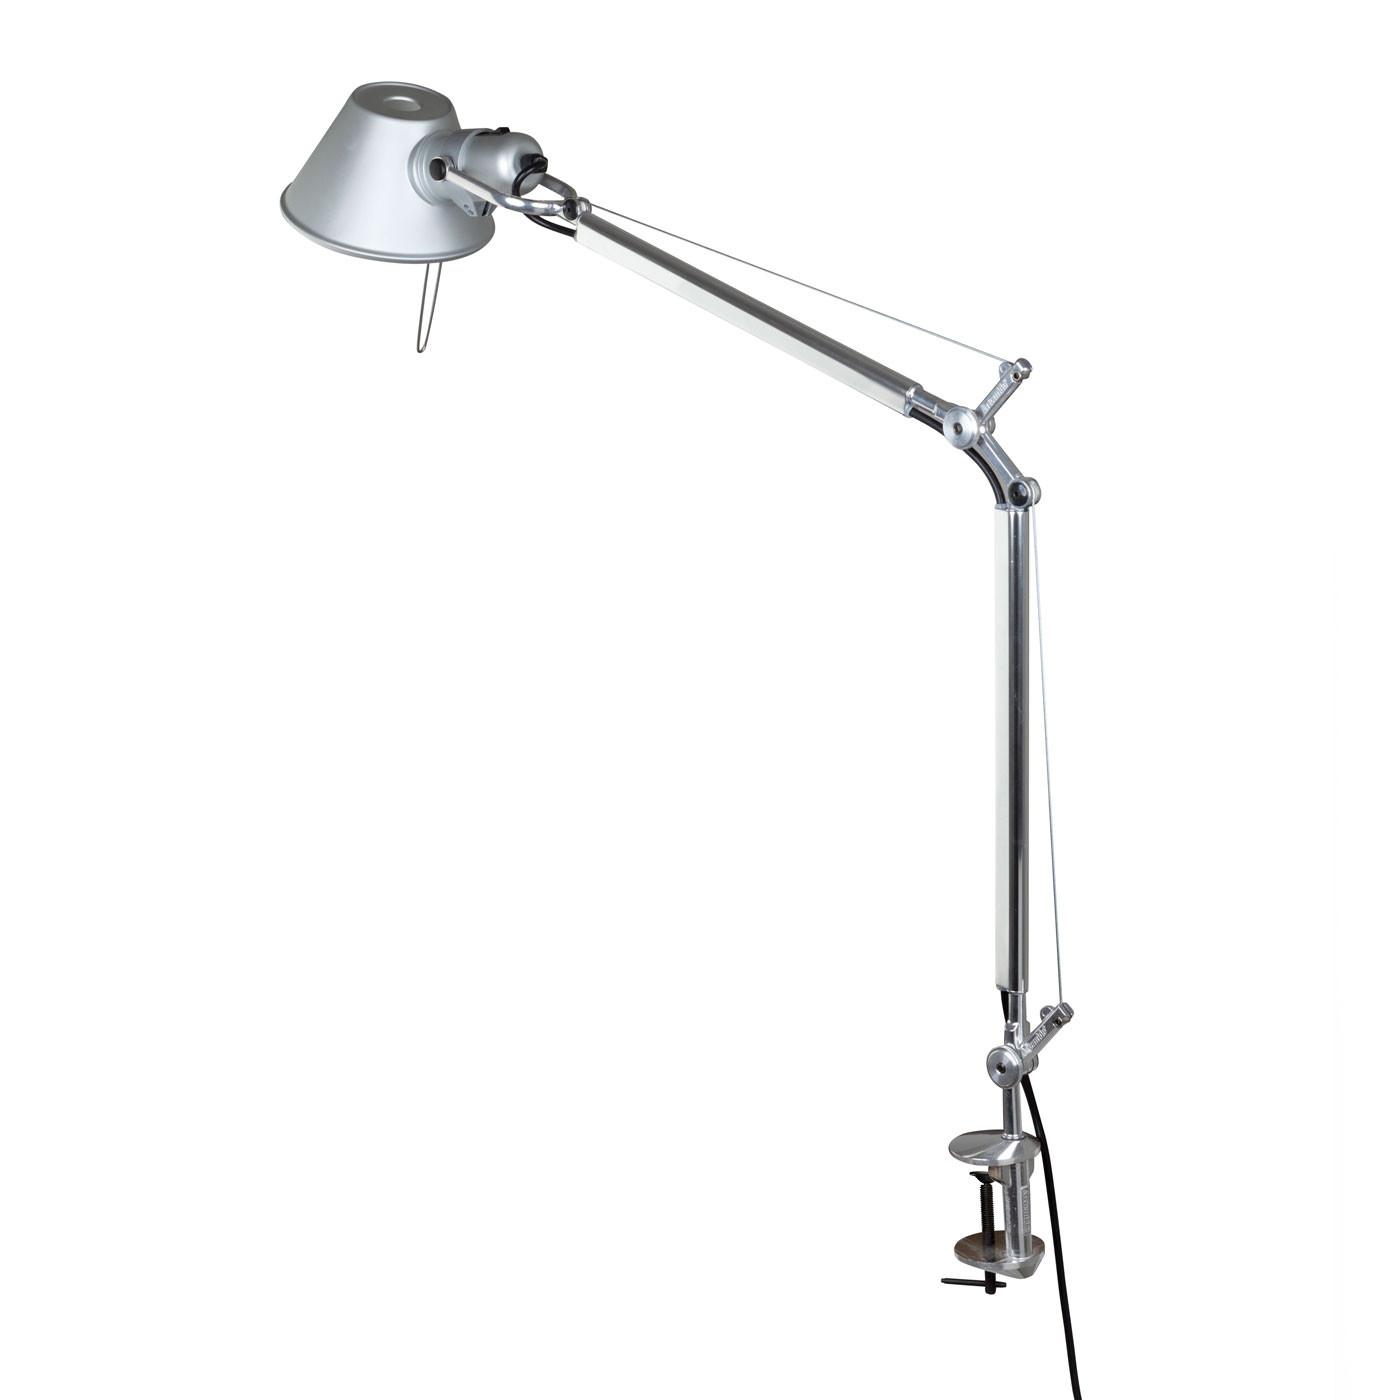 Artemide Tolomeo Midi Tavolo Led Table Lamp With Clamp